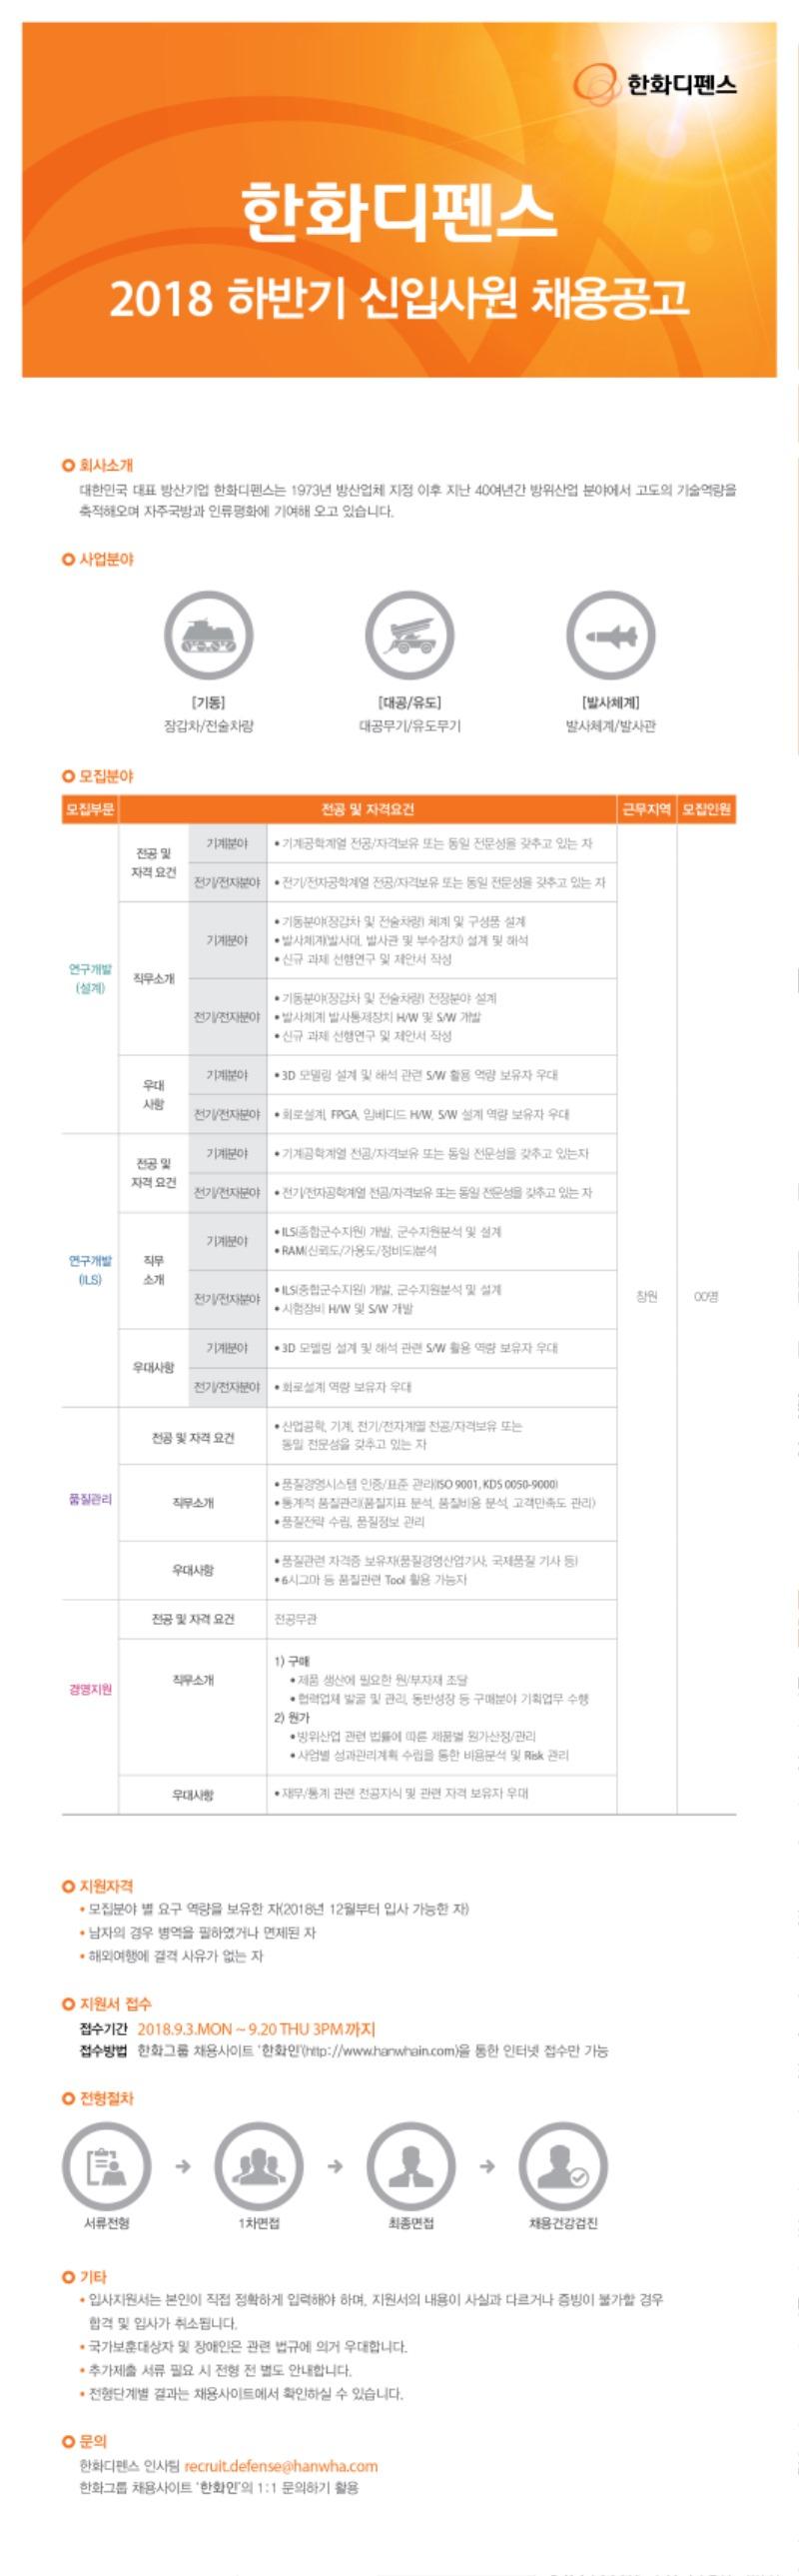 2018 한화디펜스 신입웹공고_0824.jpg